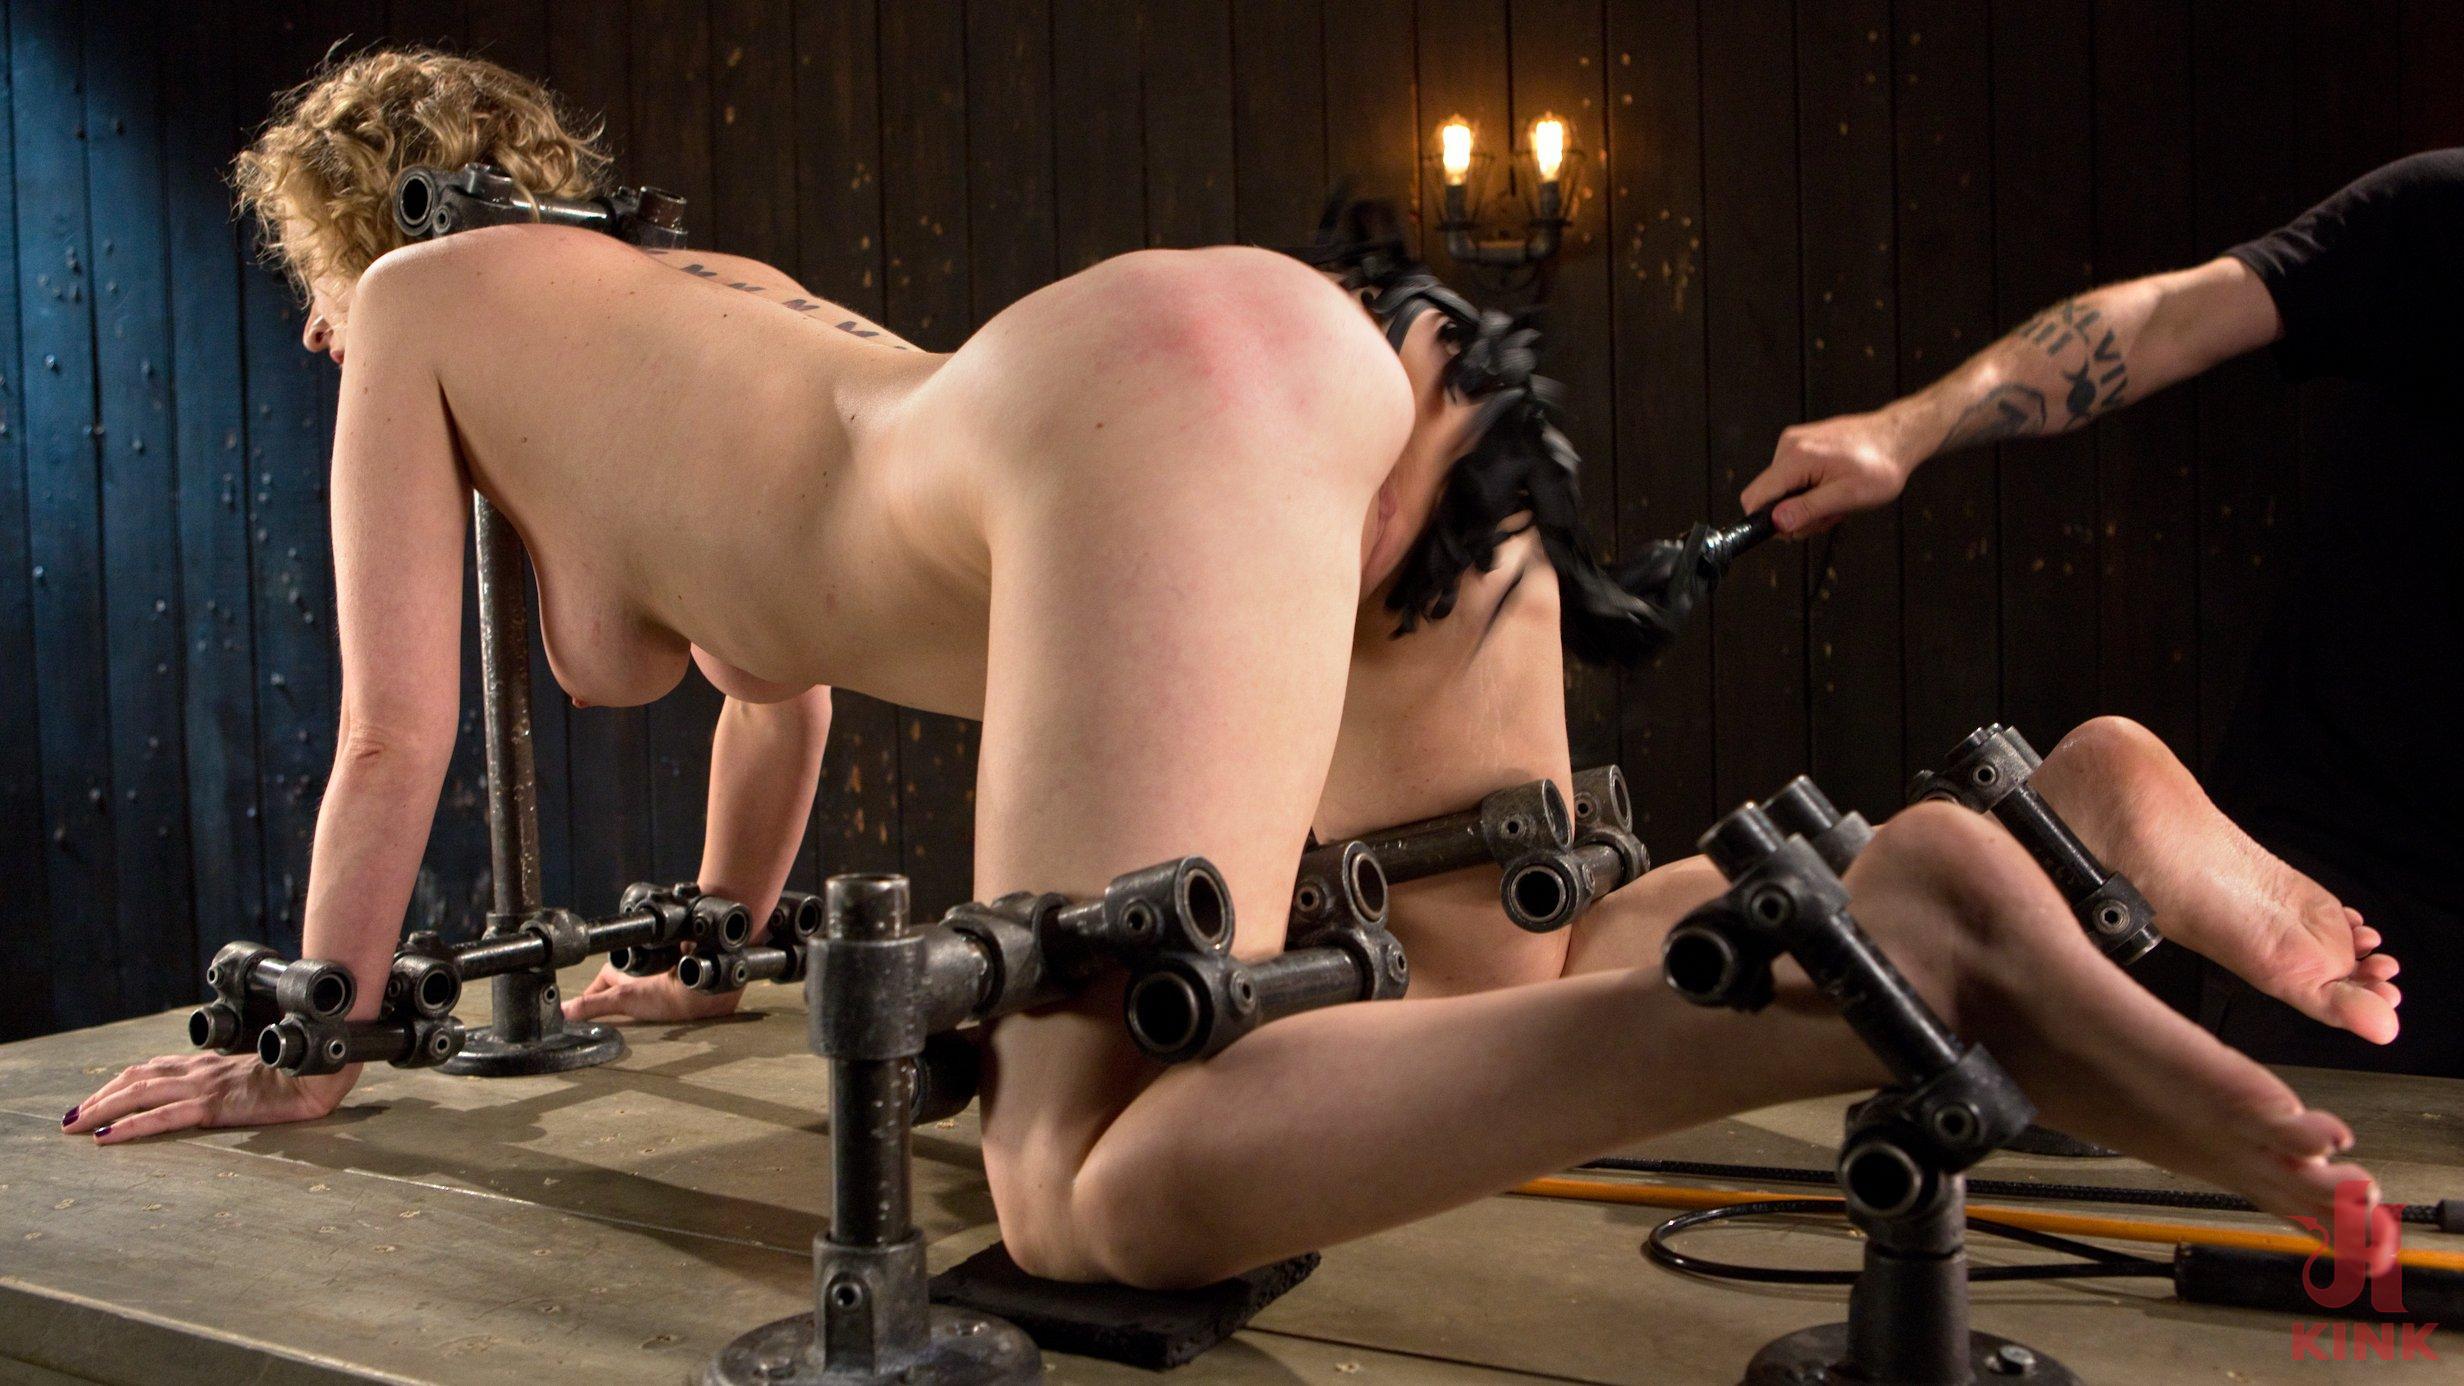 bondage pussy gets flogged anal slut